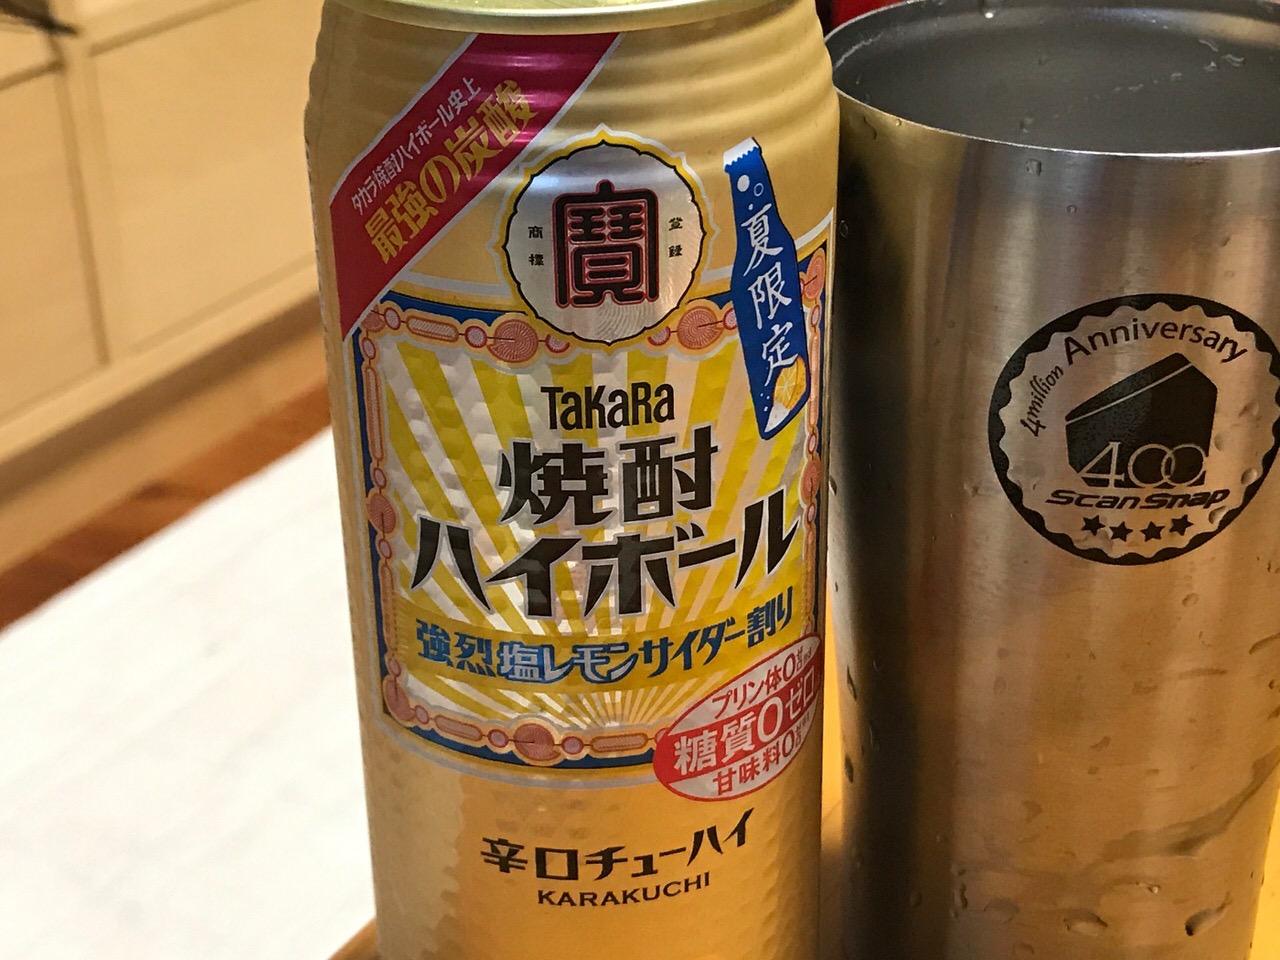 焼酎ハイボール 強烈塩レモンサイダー割り 02